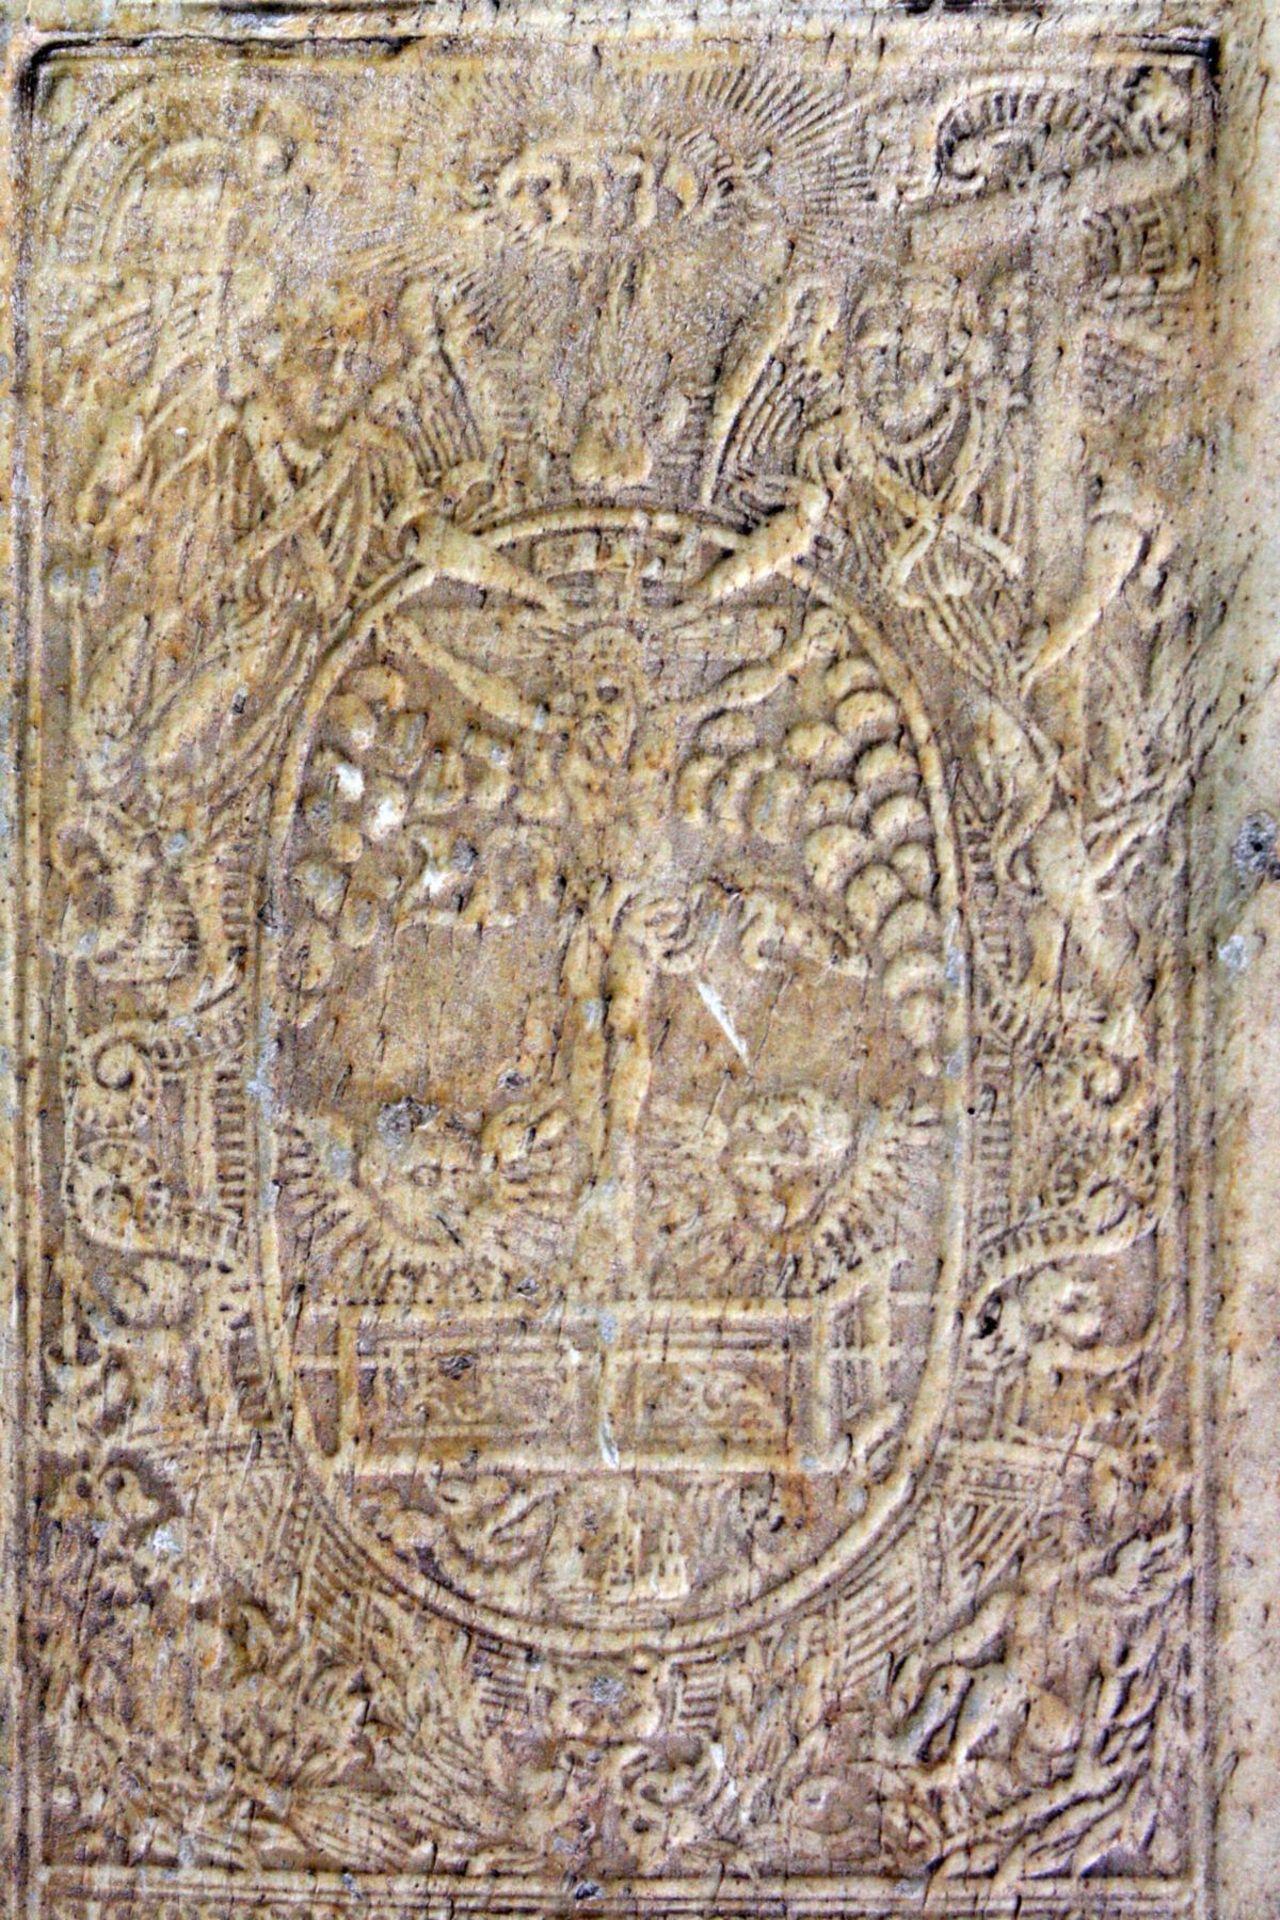 Griechische-Lateinische Bibel, Novum Testamentum 1582 - Bild 3 aus 23